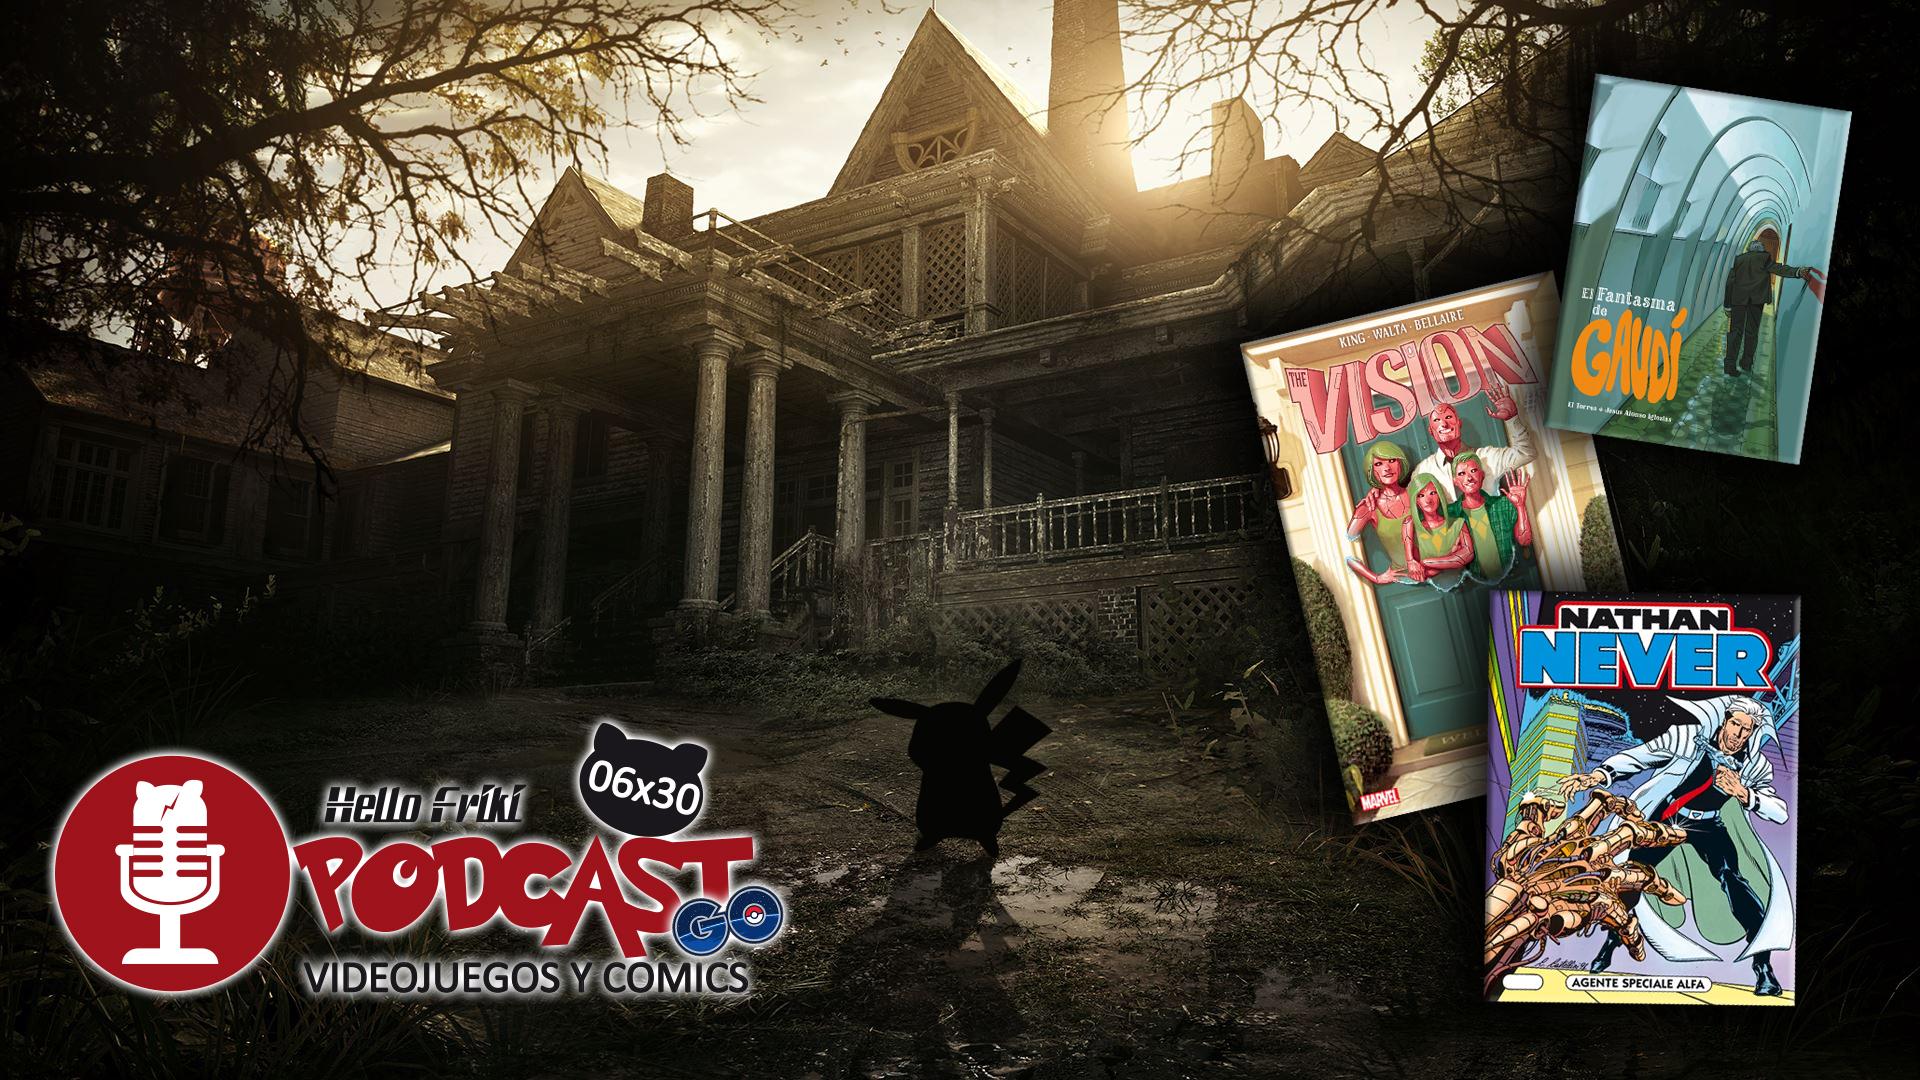 HF 6×30 Videojuegos y Cómics: Pokemon Go, Comic Con, El Fantasma de Gaudí...